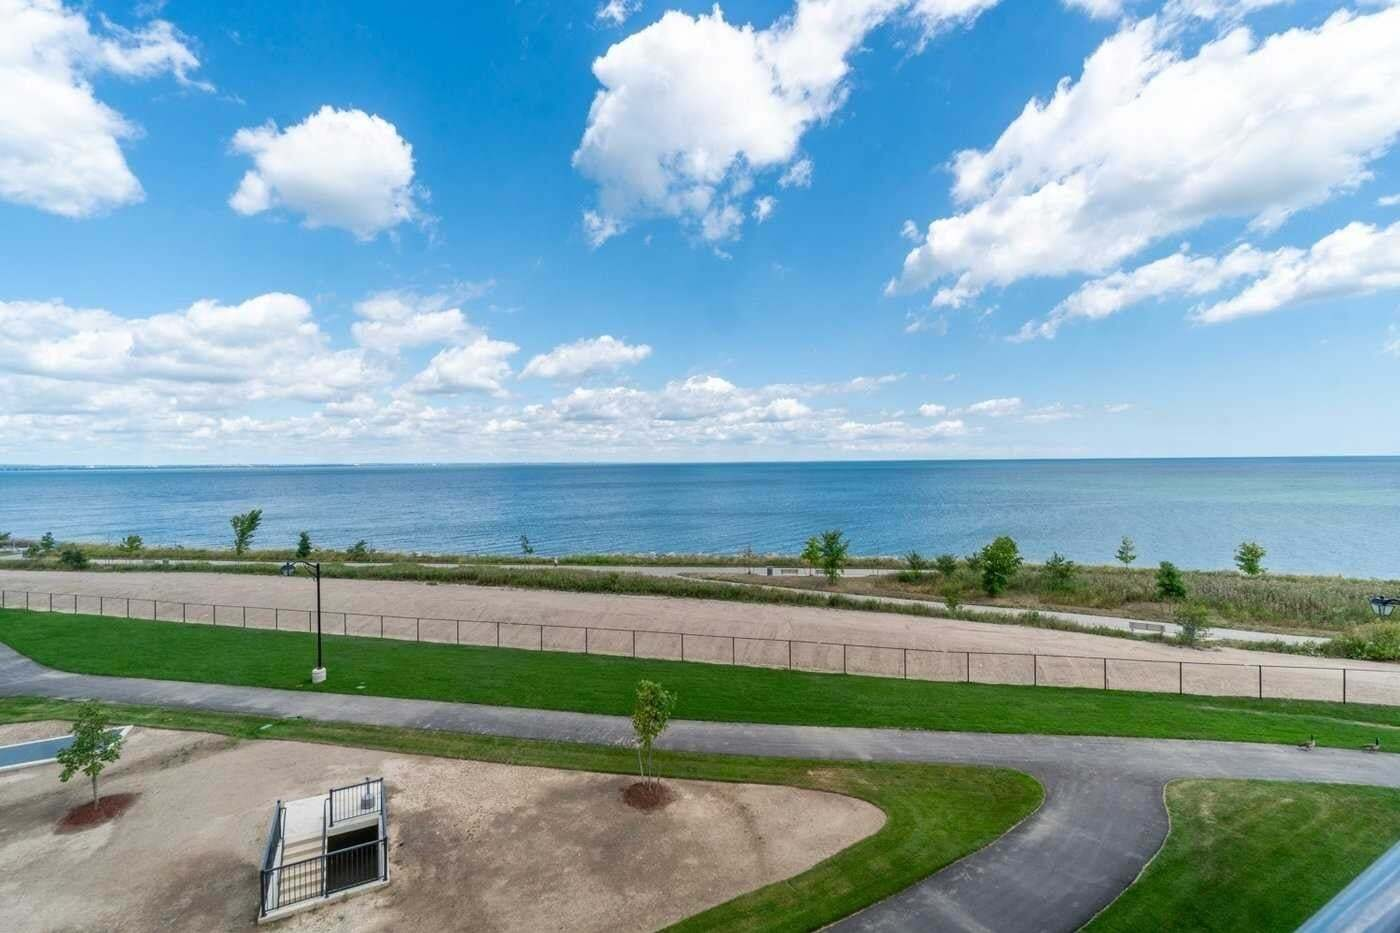 Buliding: 101 Shoreview Place, Hamilton, ON